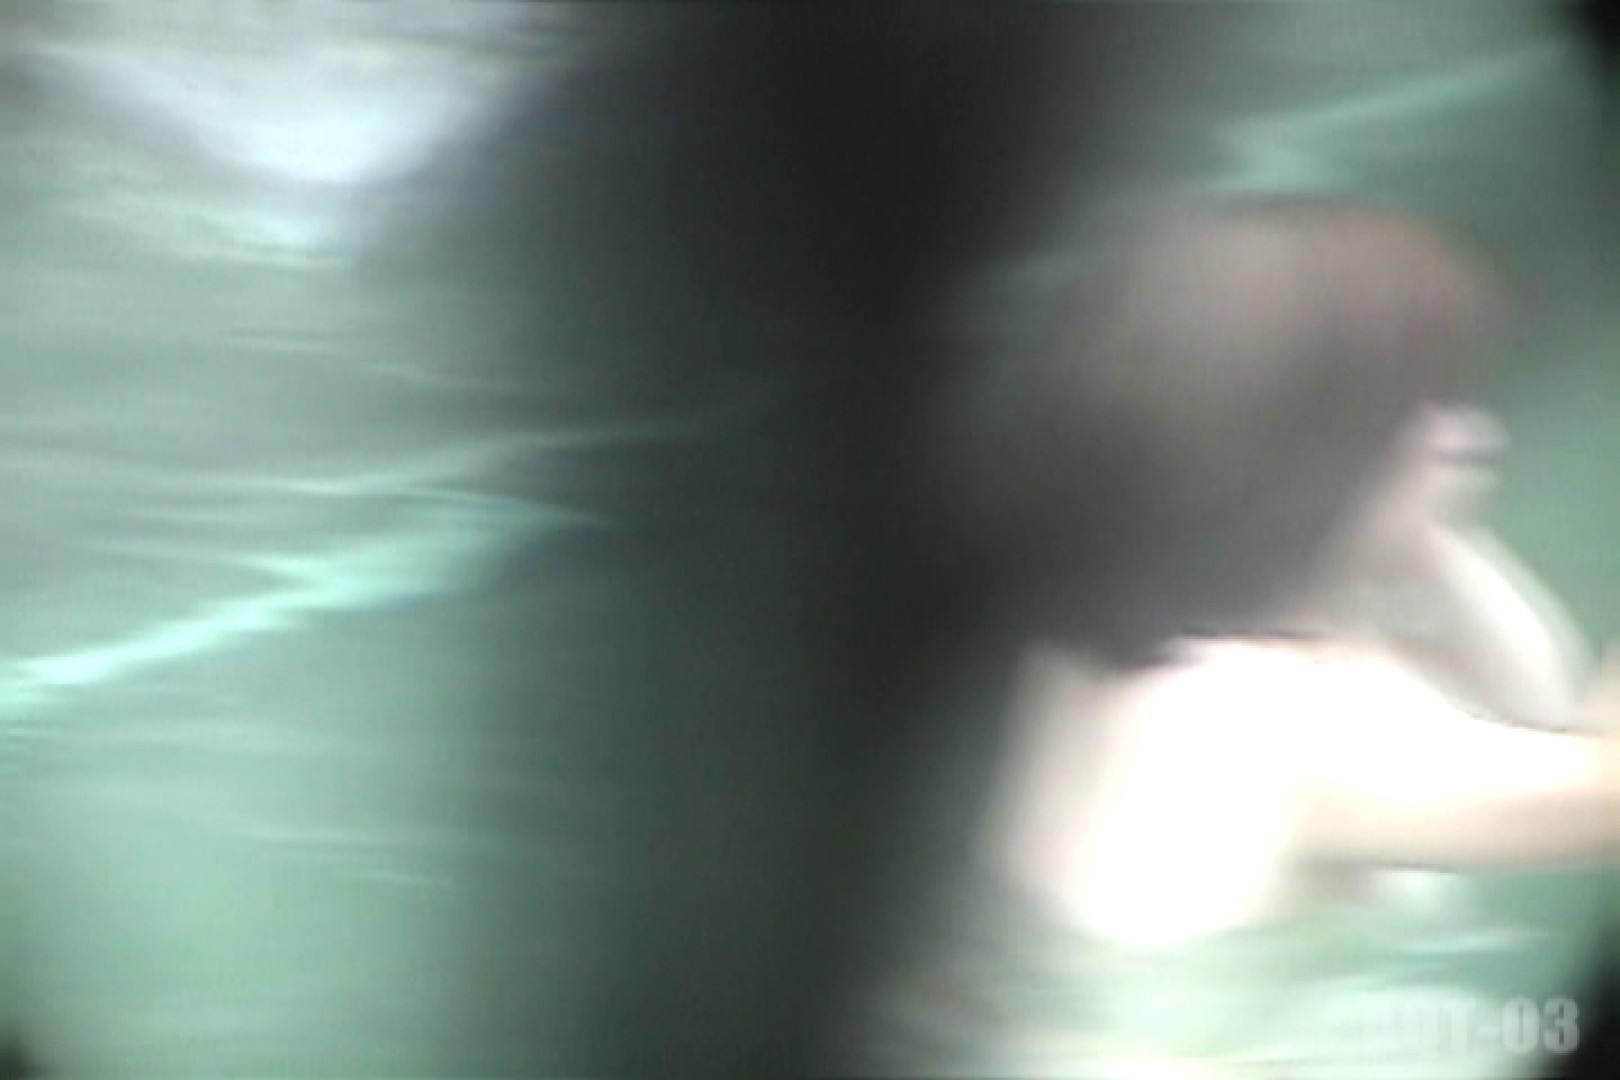 Aquaな露天風呂Vol.731 OLハメ撮り  104Pix 23